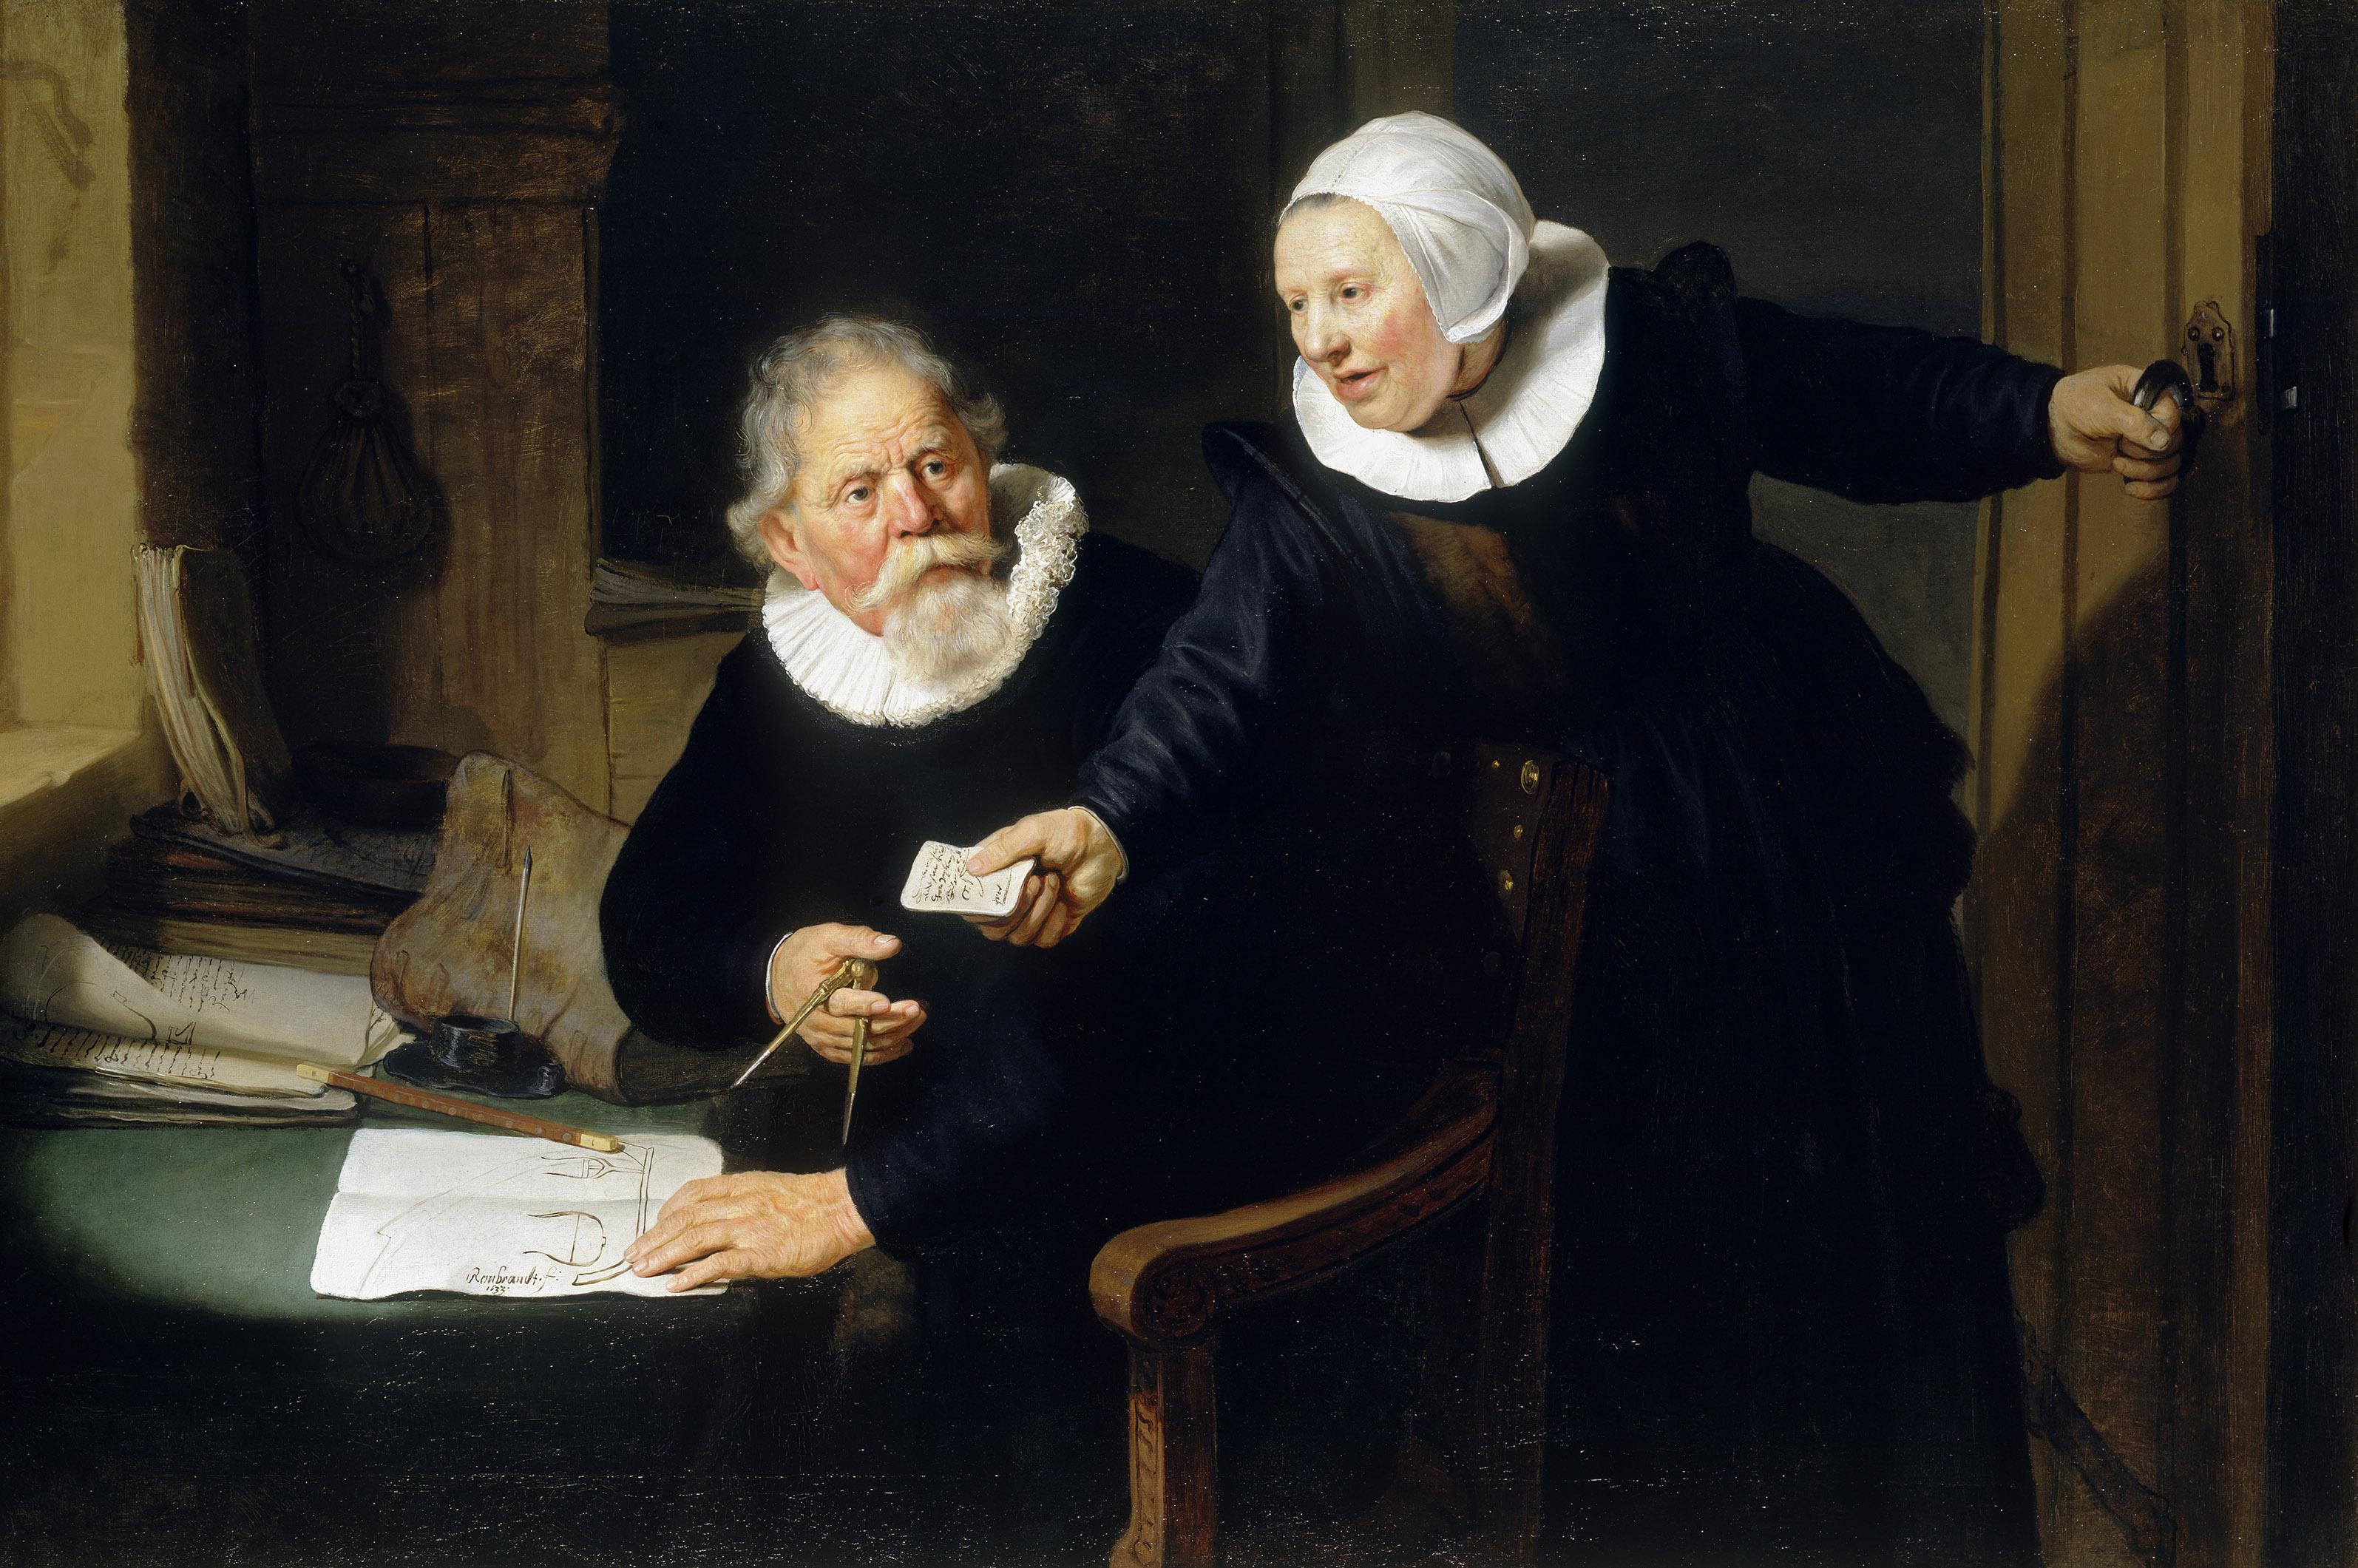 Rembrandt van Rijn, The Shipbuilder and his Wife: Jan Rijcksen and his Wife, Griet Jans, 1633